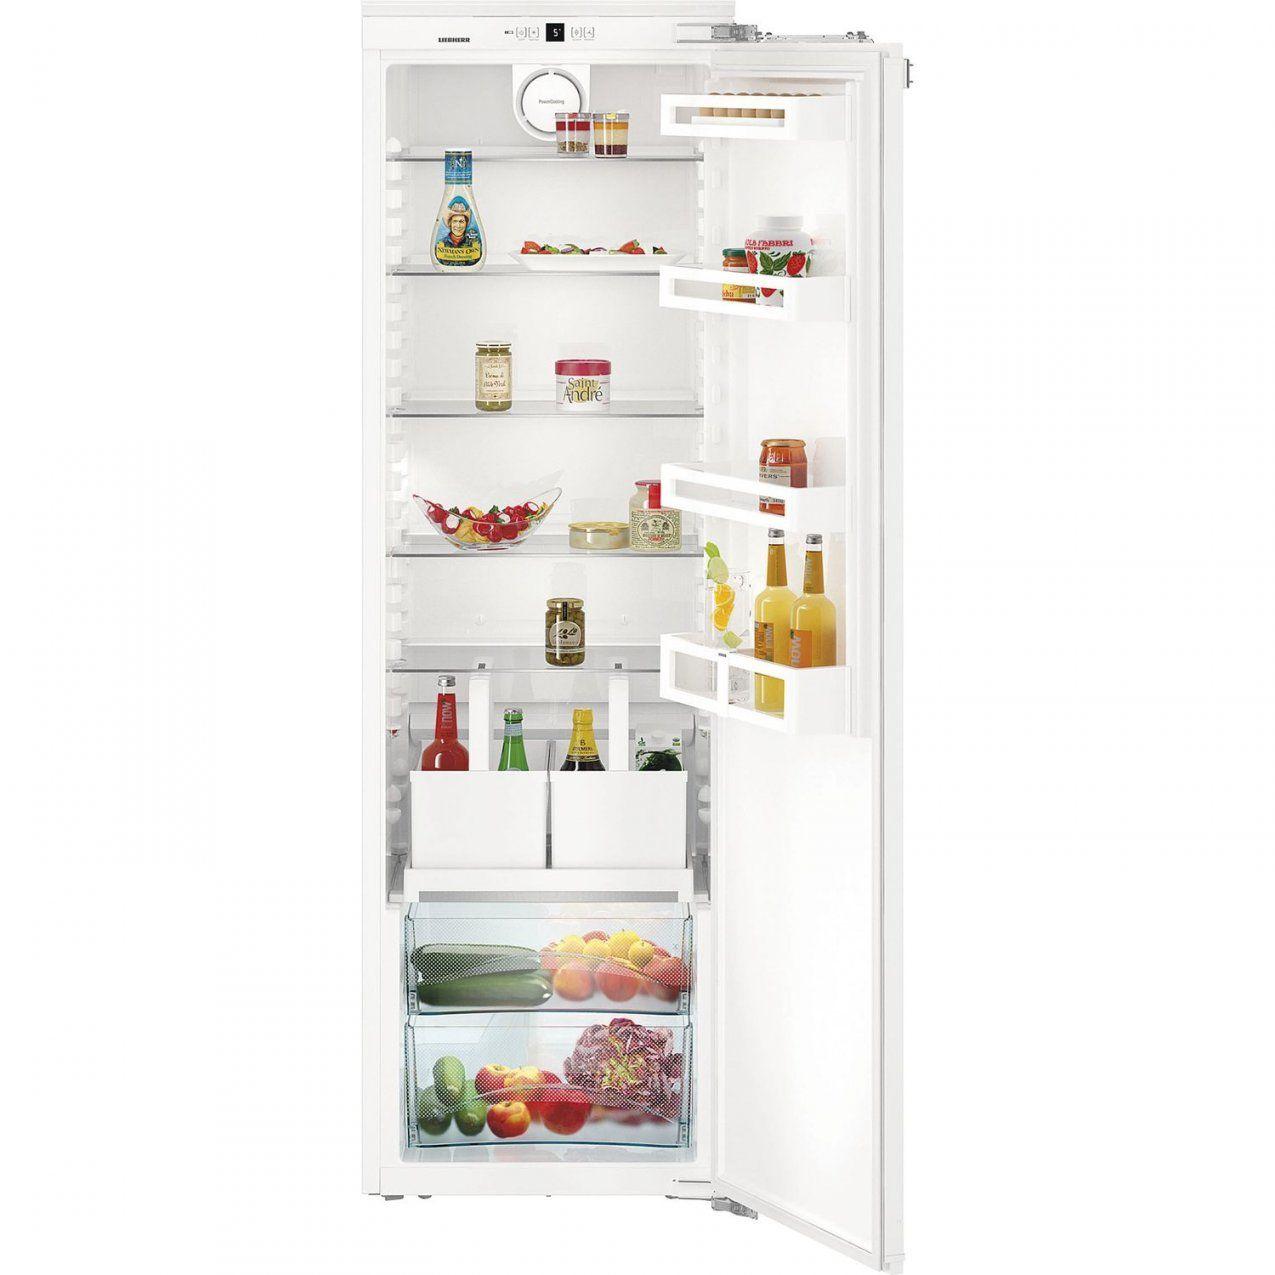 Liebherr Einbaukühlschrank Ikf 3510 Ohne Gefrierfach Nischenhöhe von Einbaukühlschrank Ohne Gefrierfach 178 Cm Bild